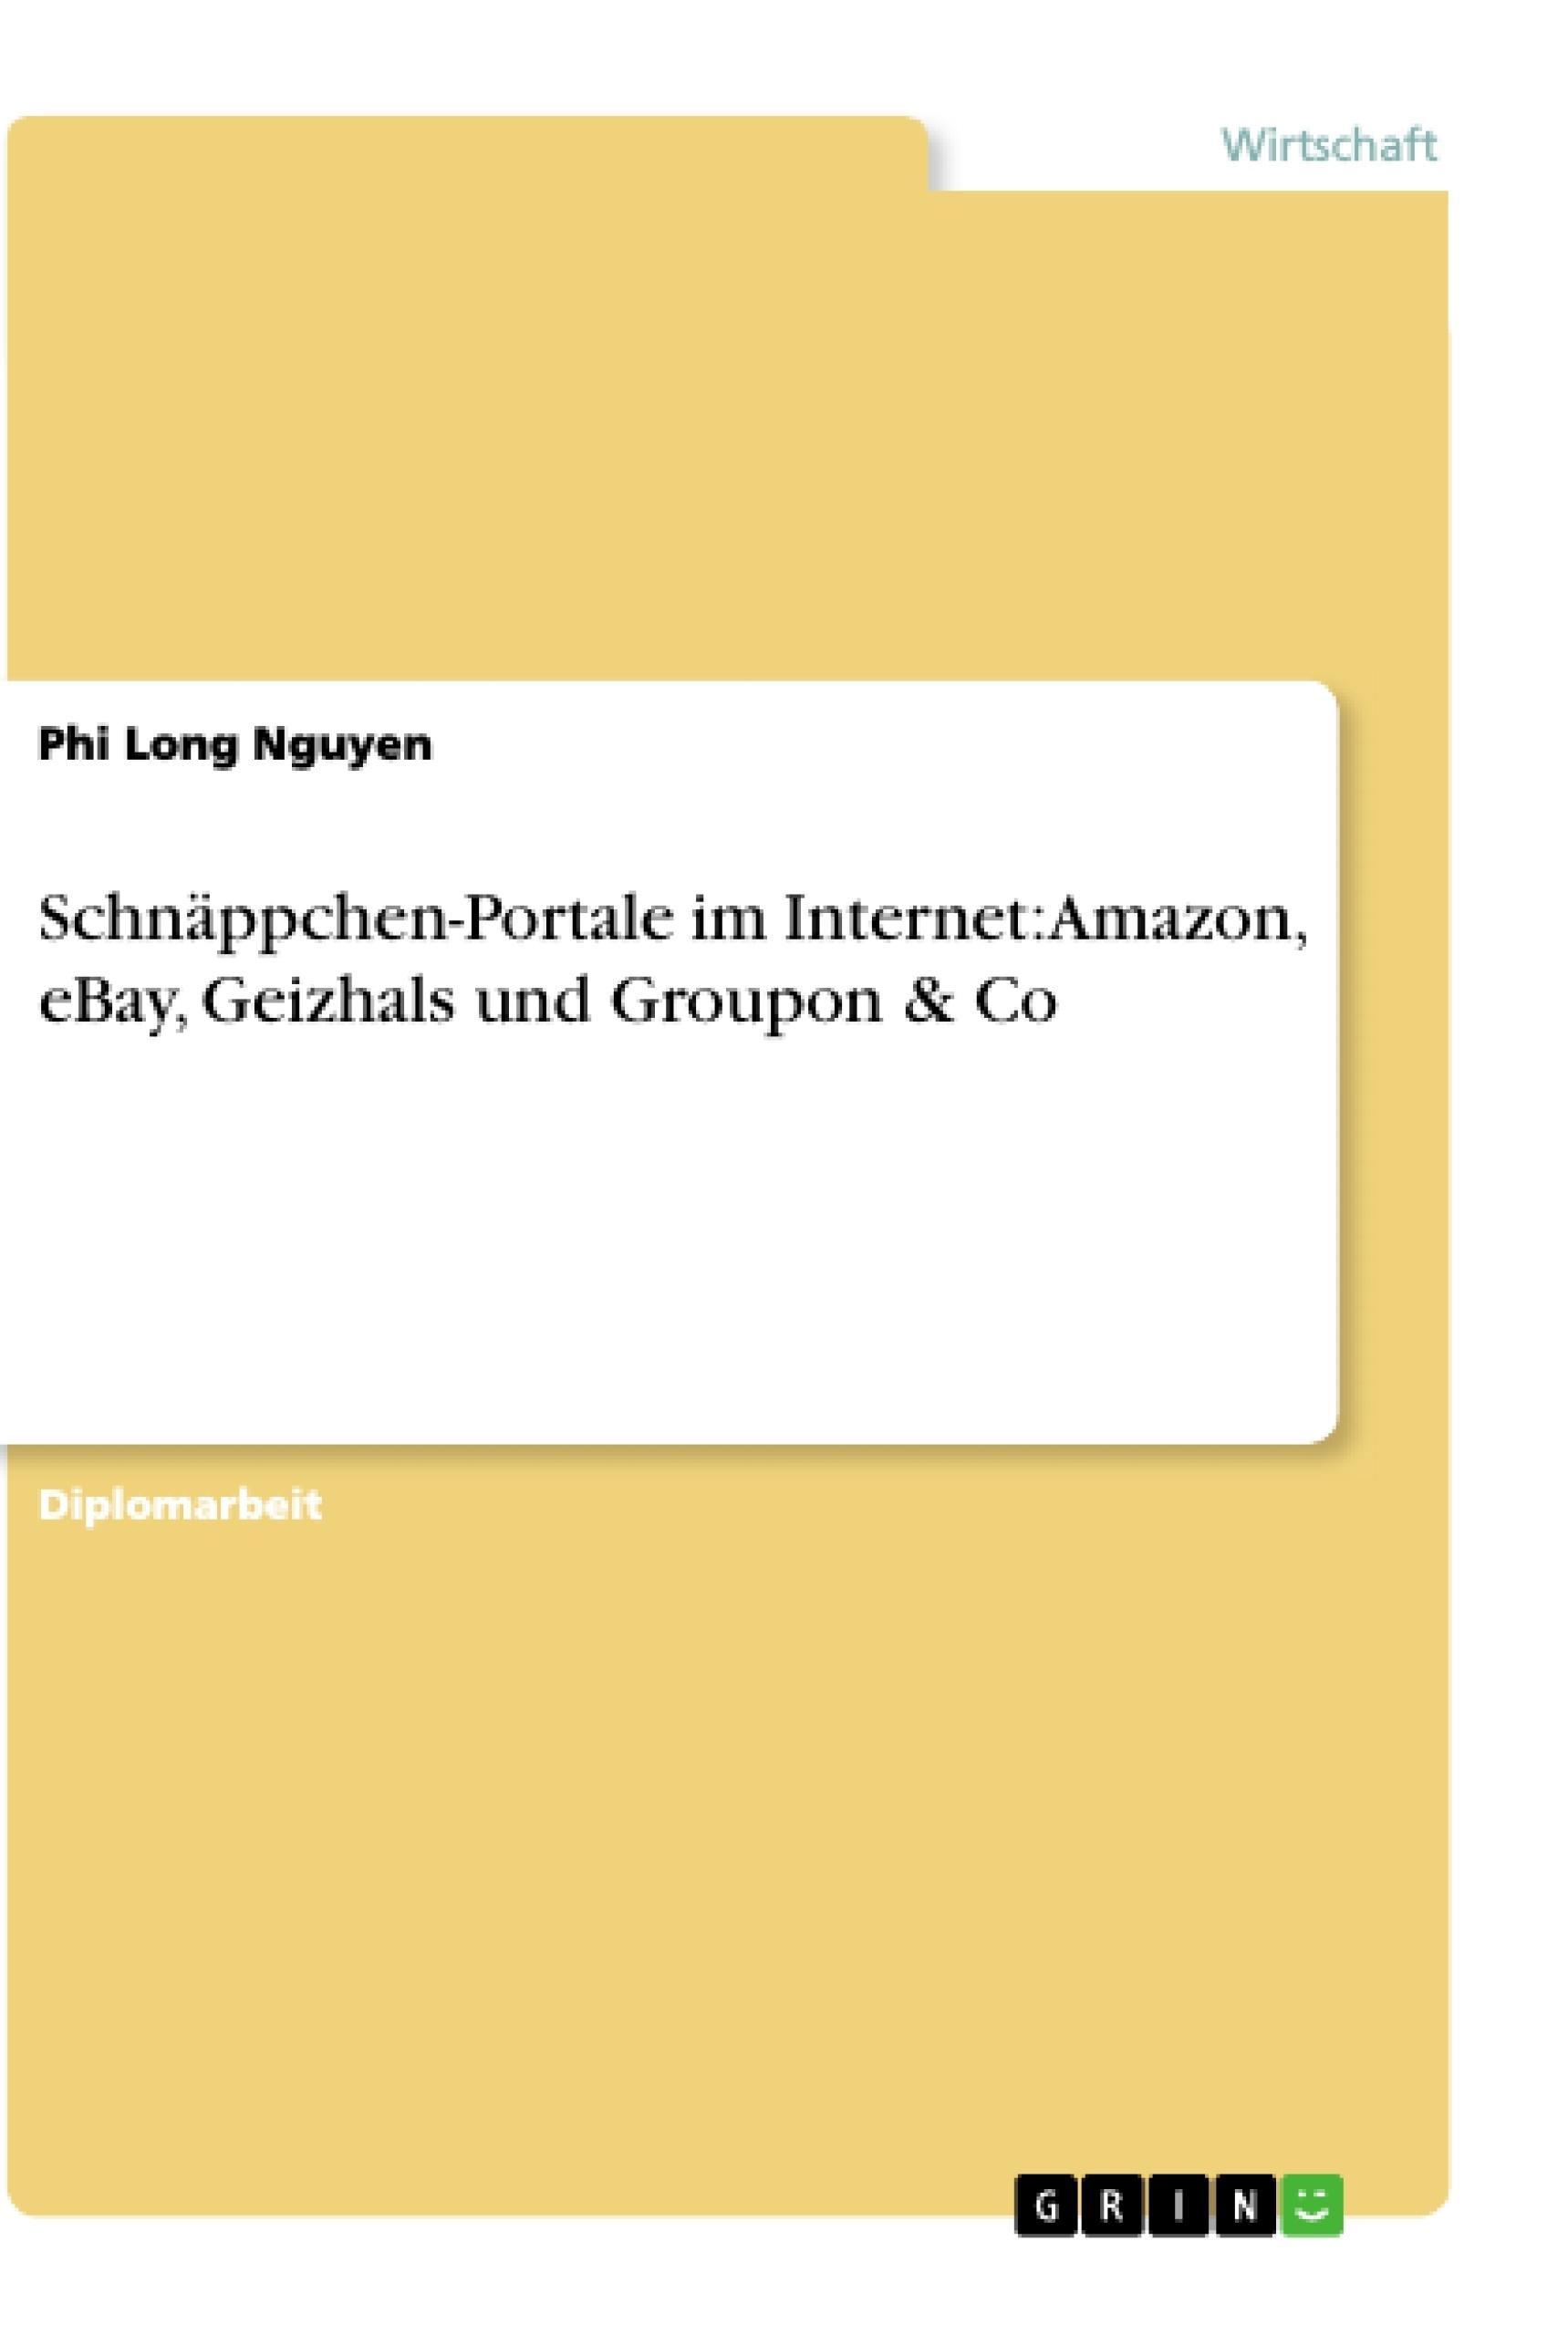 Titel: Schnäppchen-Portale im Internet: Amazon, eBay, Geizhals und Groupon & Co